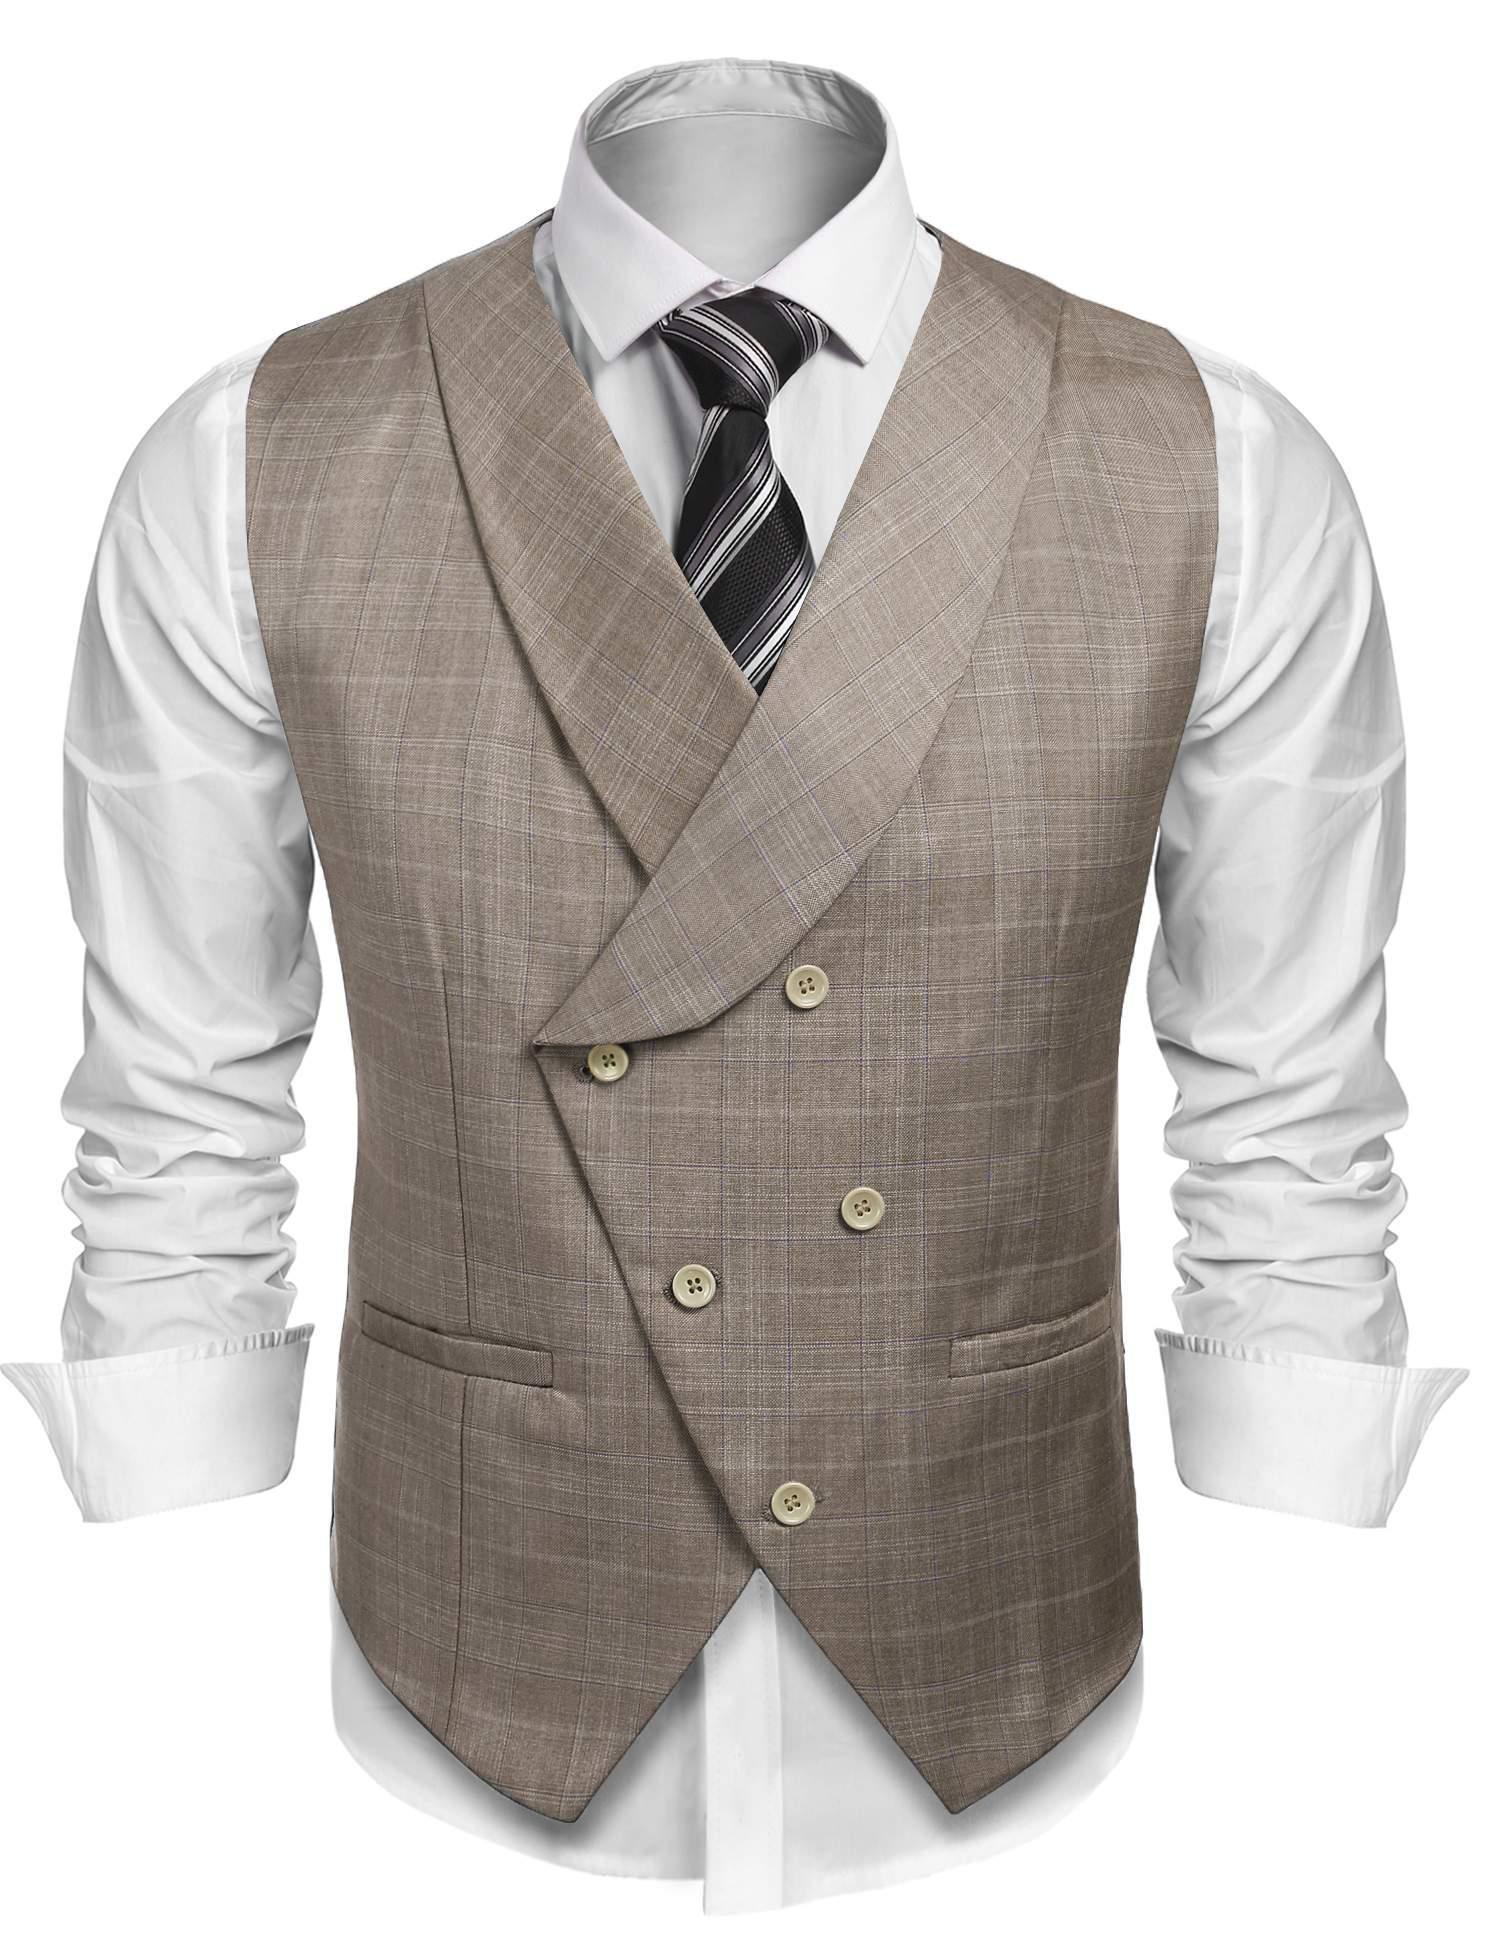 Coofandy Men's Plaid Slim Fit Double Breasted Dress Suit Button Down Vest Waistcoat,Khaki,Medium